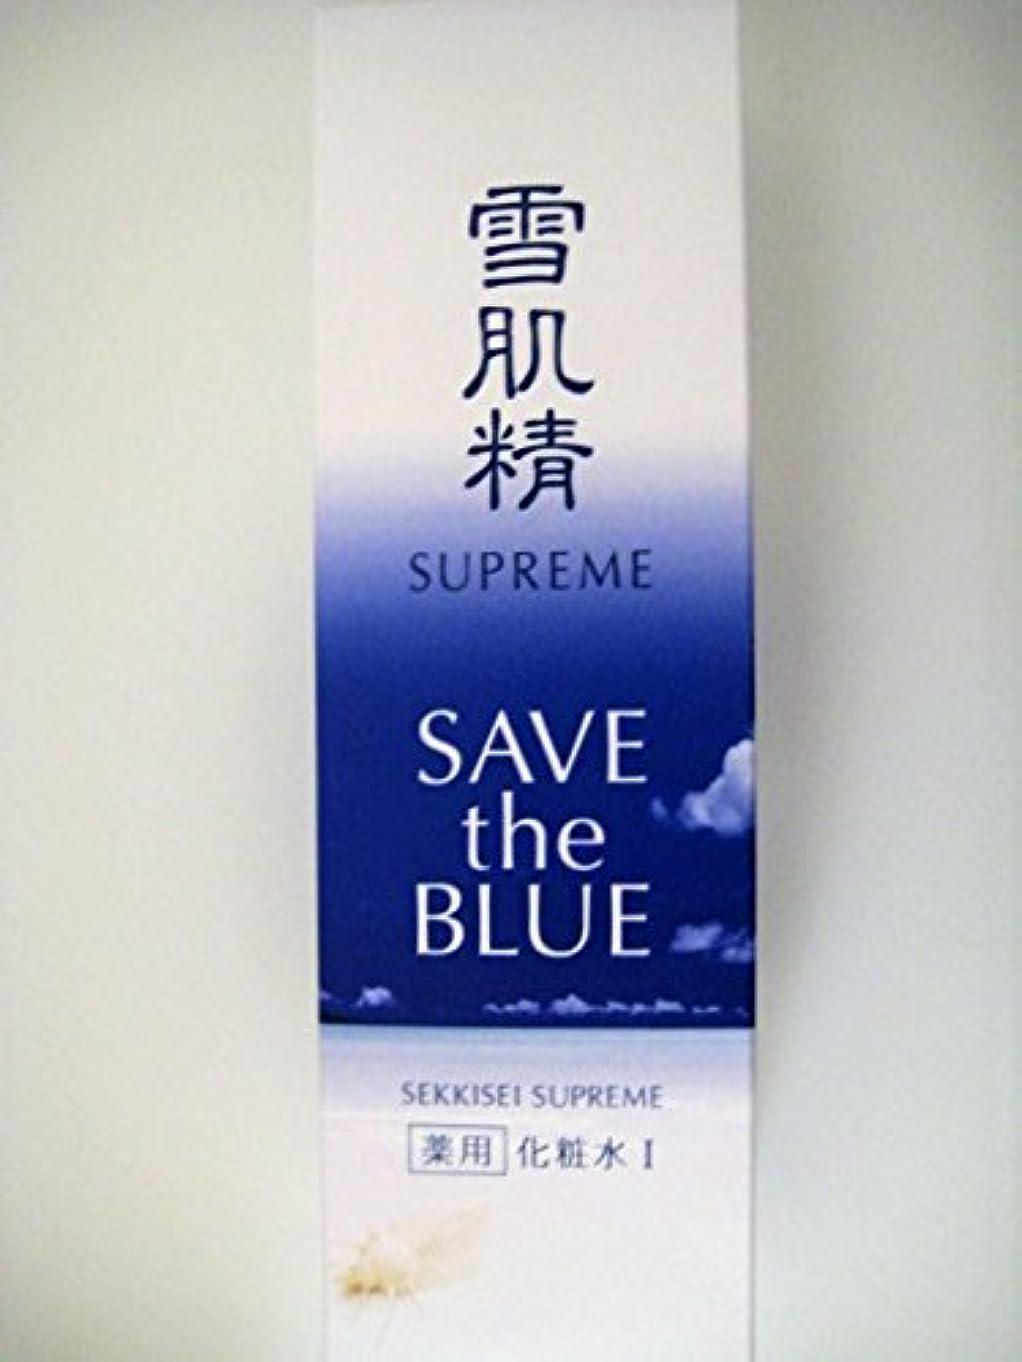 休眠邪魔する成熟雪肌精 シュープレム 化粧水 Ⅰ SAVE THE BLUE 400ml